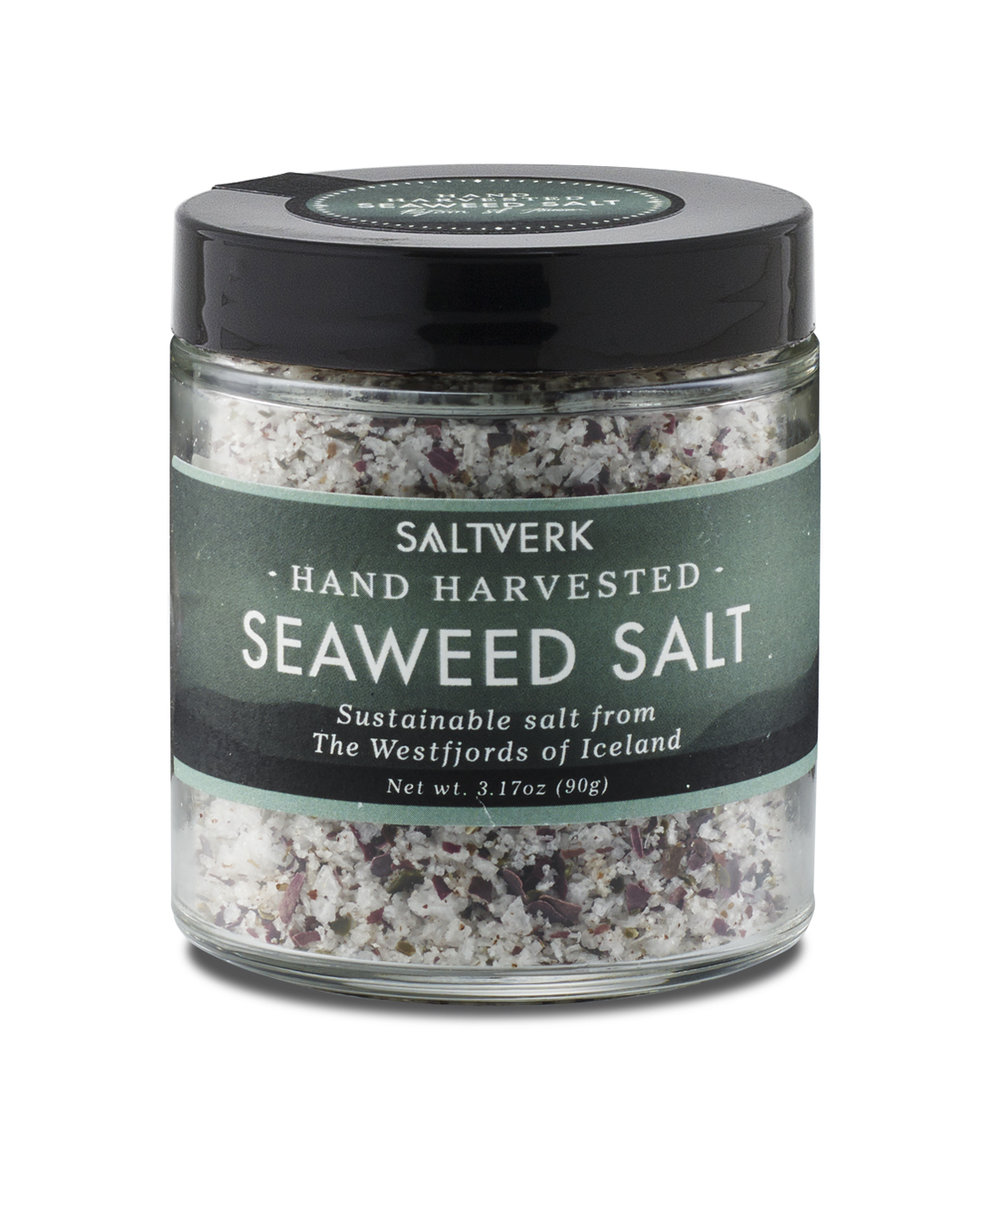 Seaweed salt - $13